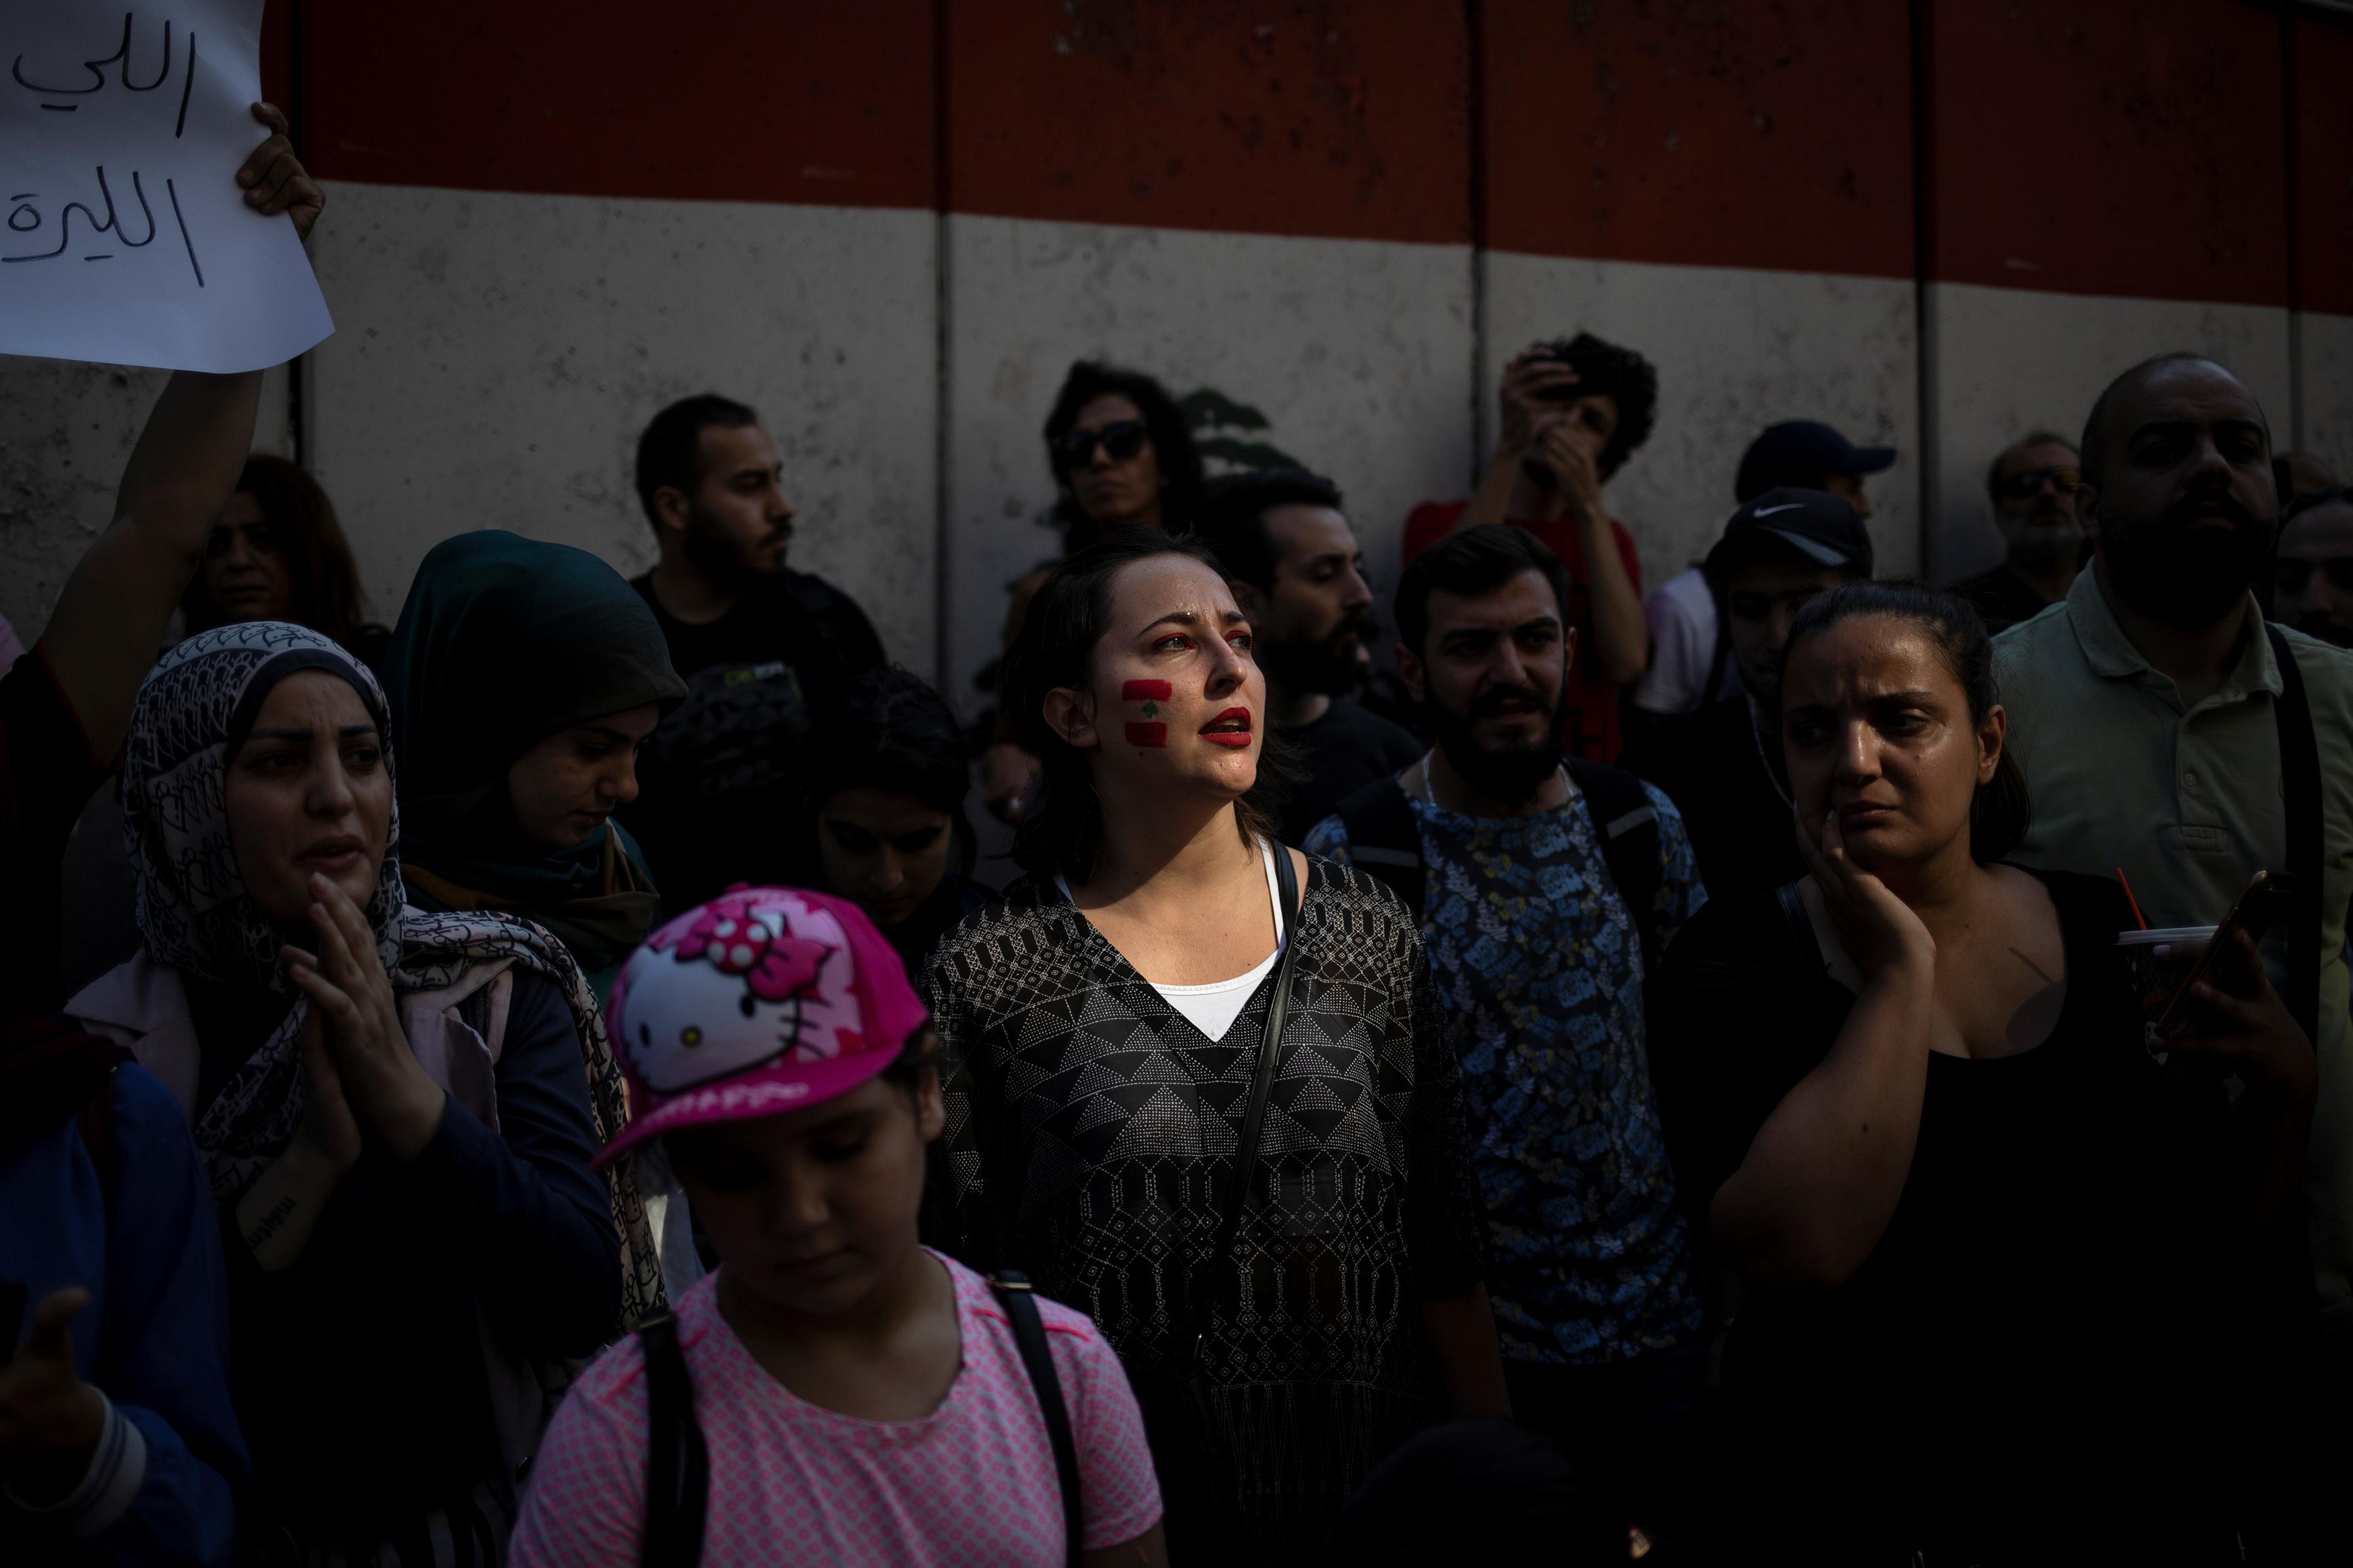 المشاركين فى المظاهرة خارج البنك المركزى اللبنانى